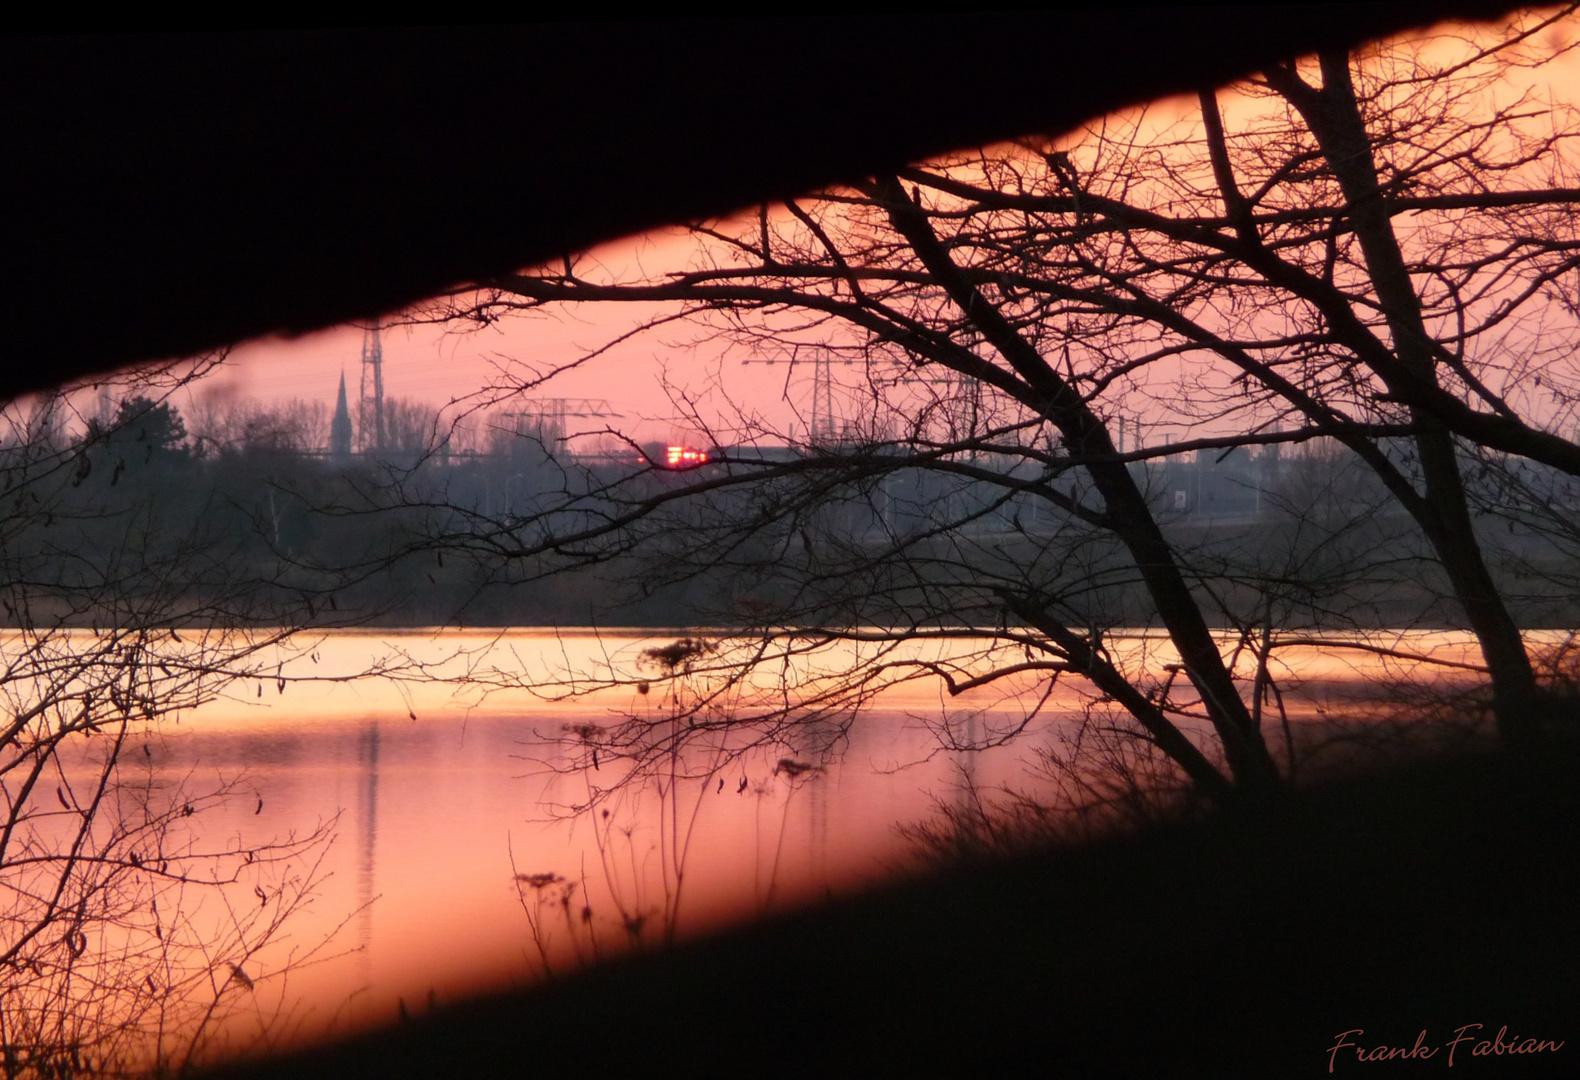 Sonnenuntergang am Baum